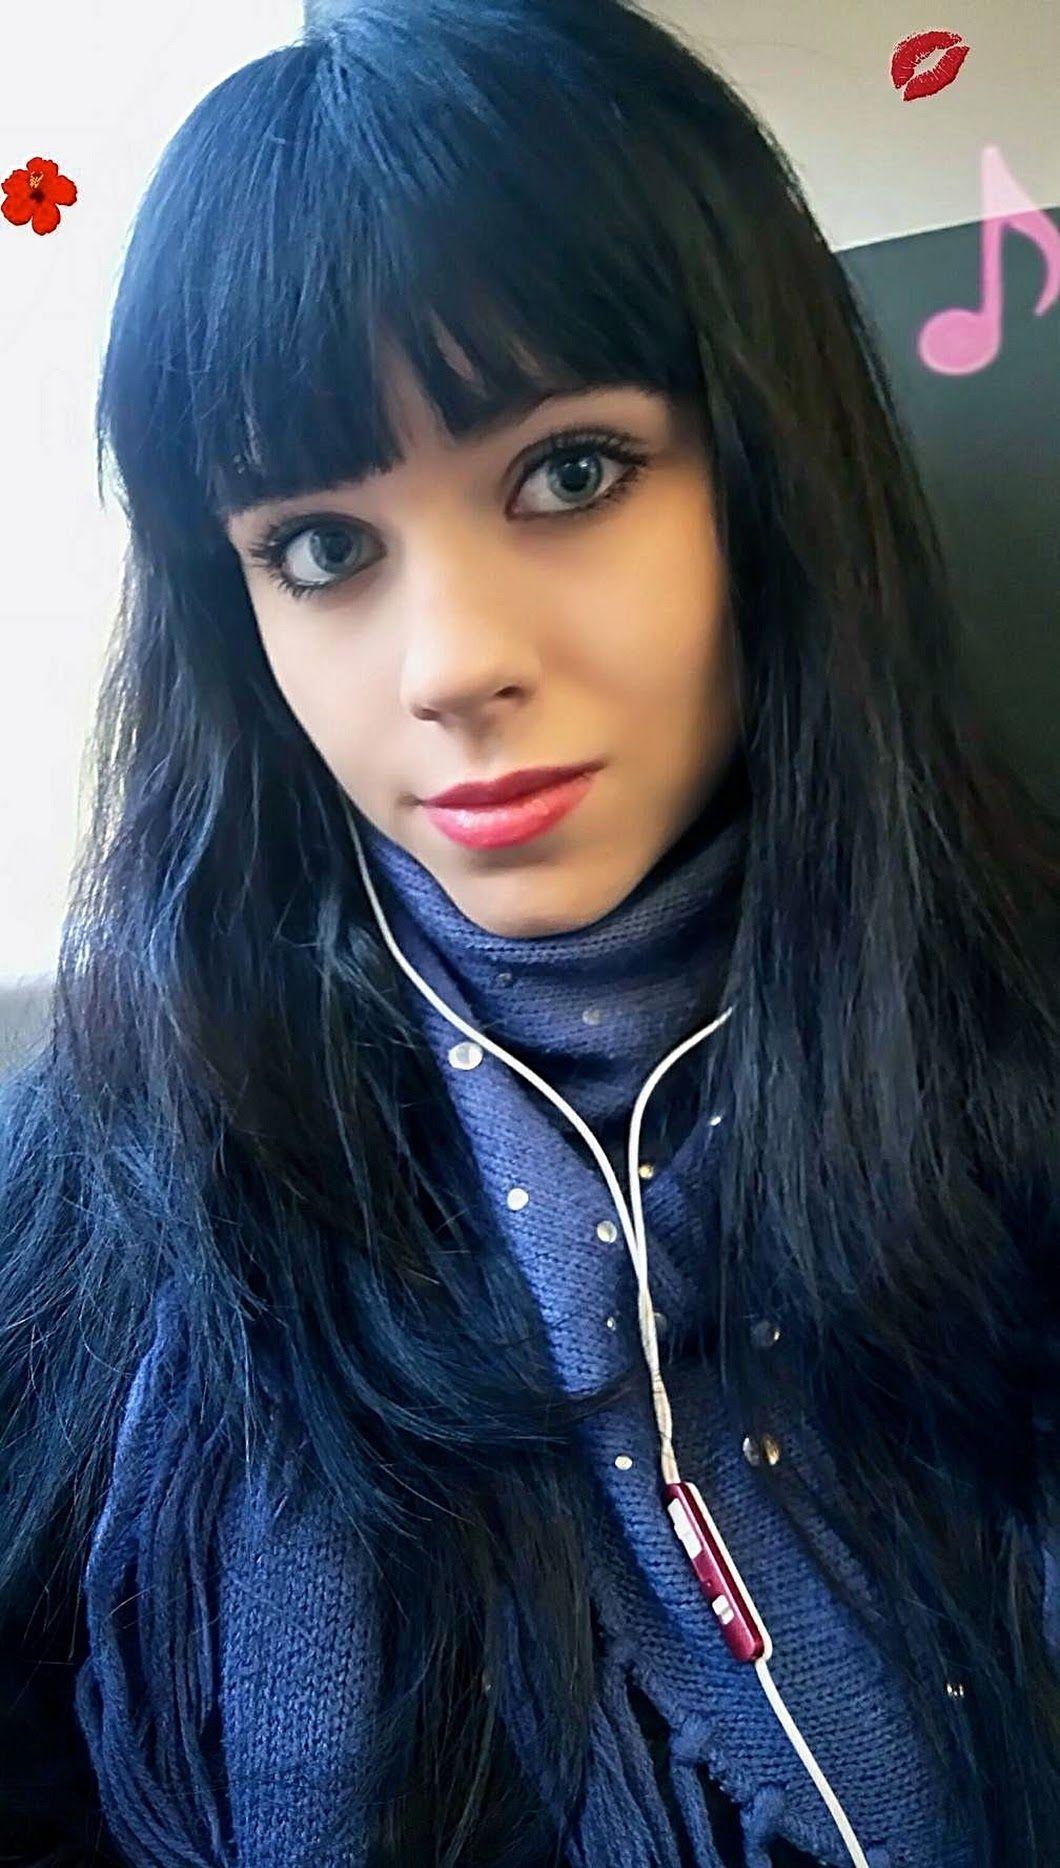 Genug gelernt an der Uni nun geht`s nach Hause in ein erholsames Wochenende !     ♪ ♫ ♪   ♪ ♫ ♪ I'm a guitar player & singer  My m... - Dana Marie Ulbrich - Google+